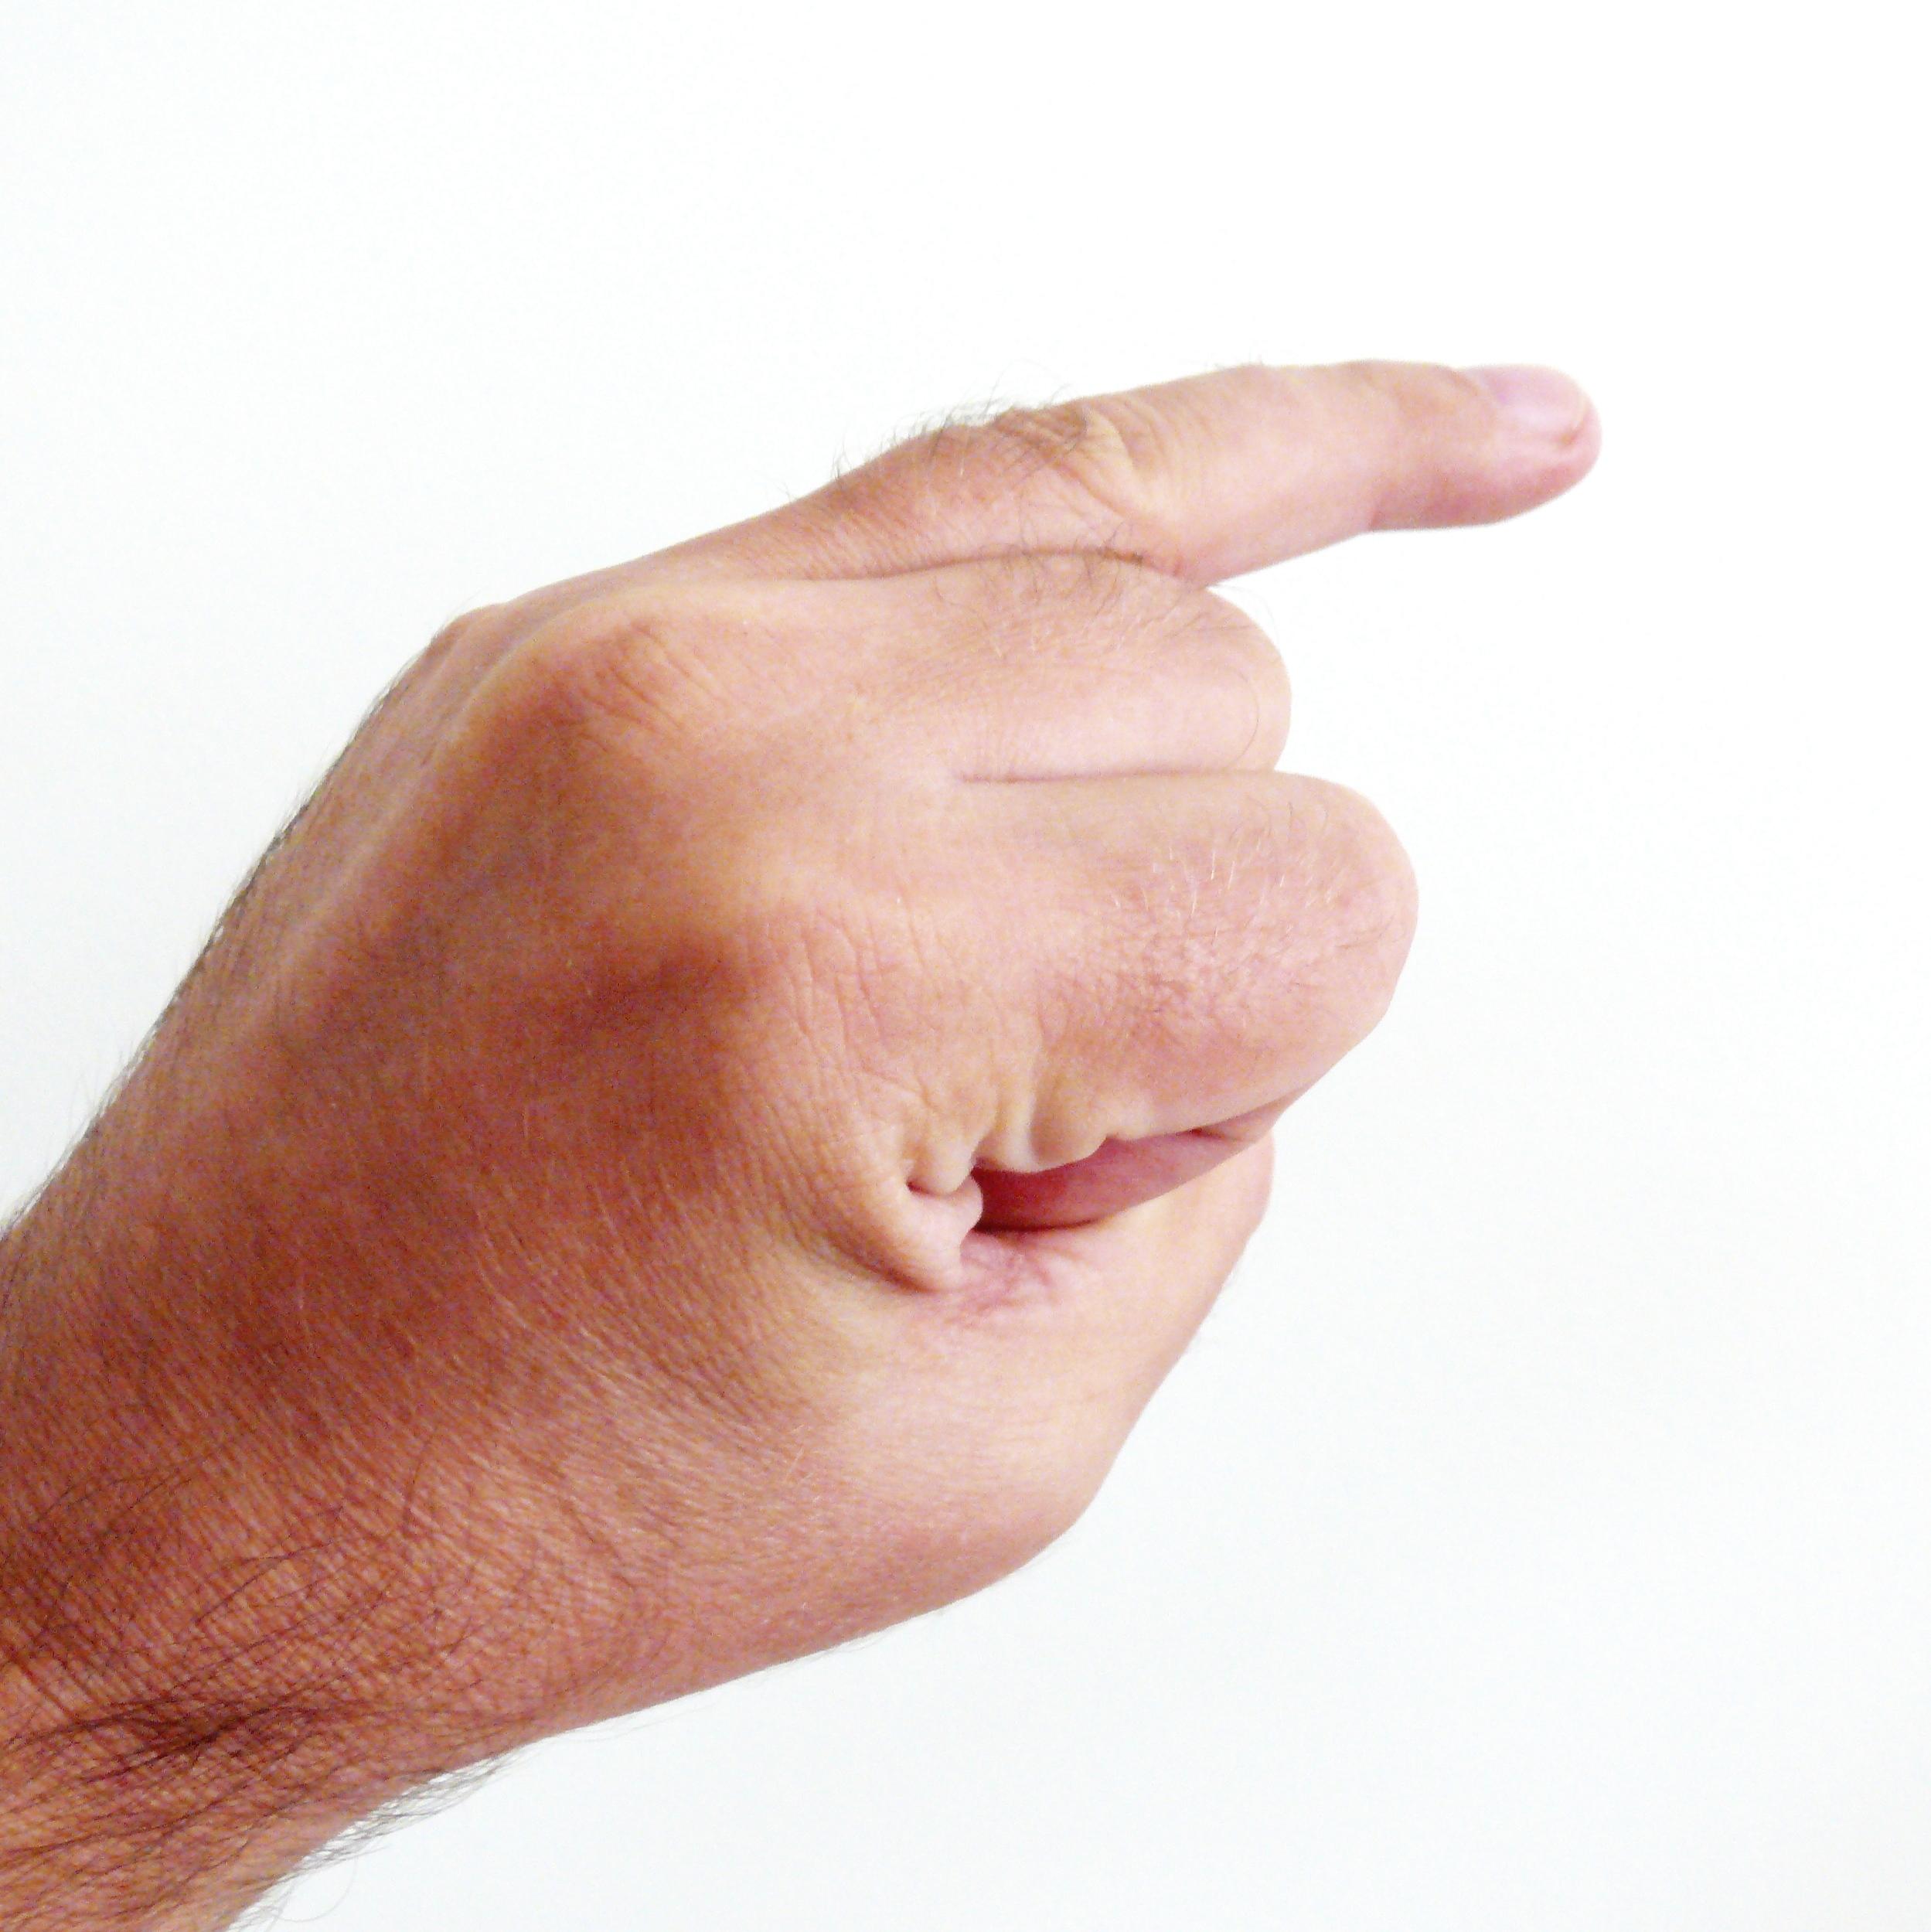 безымянный палец правой руки фото можете быть него